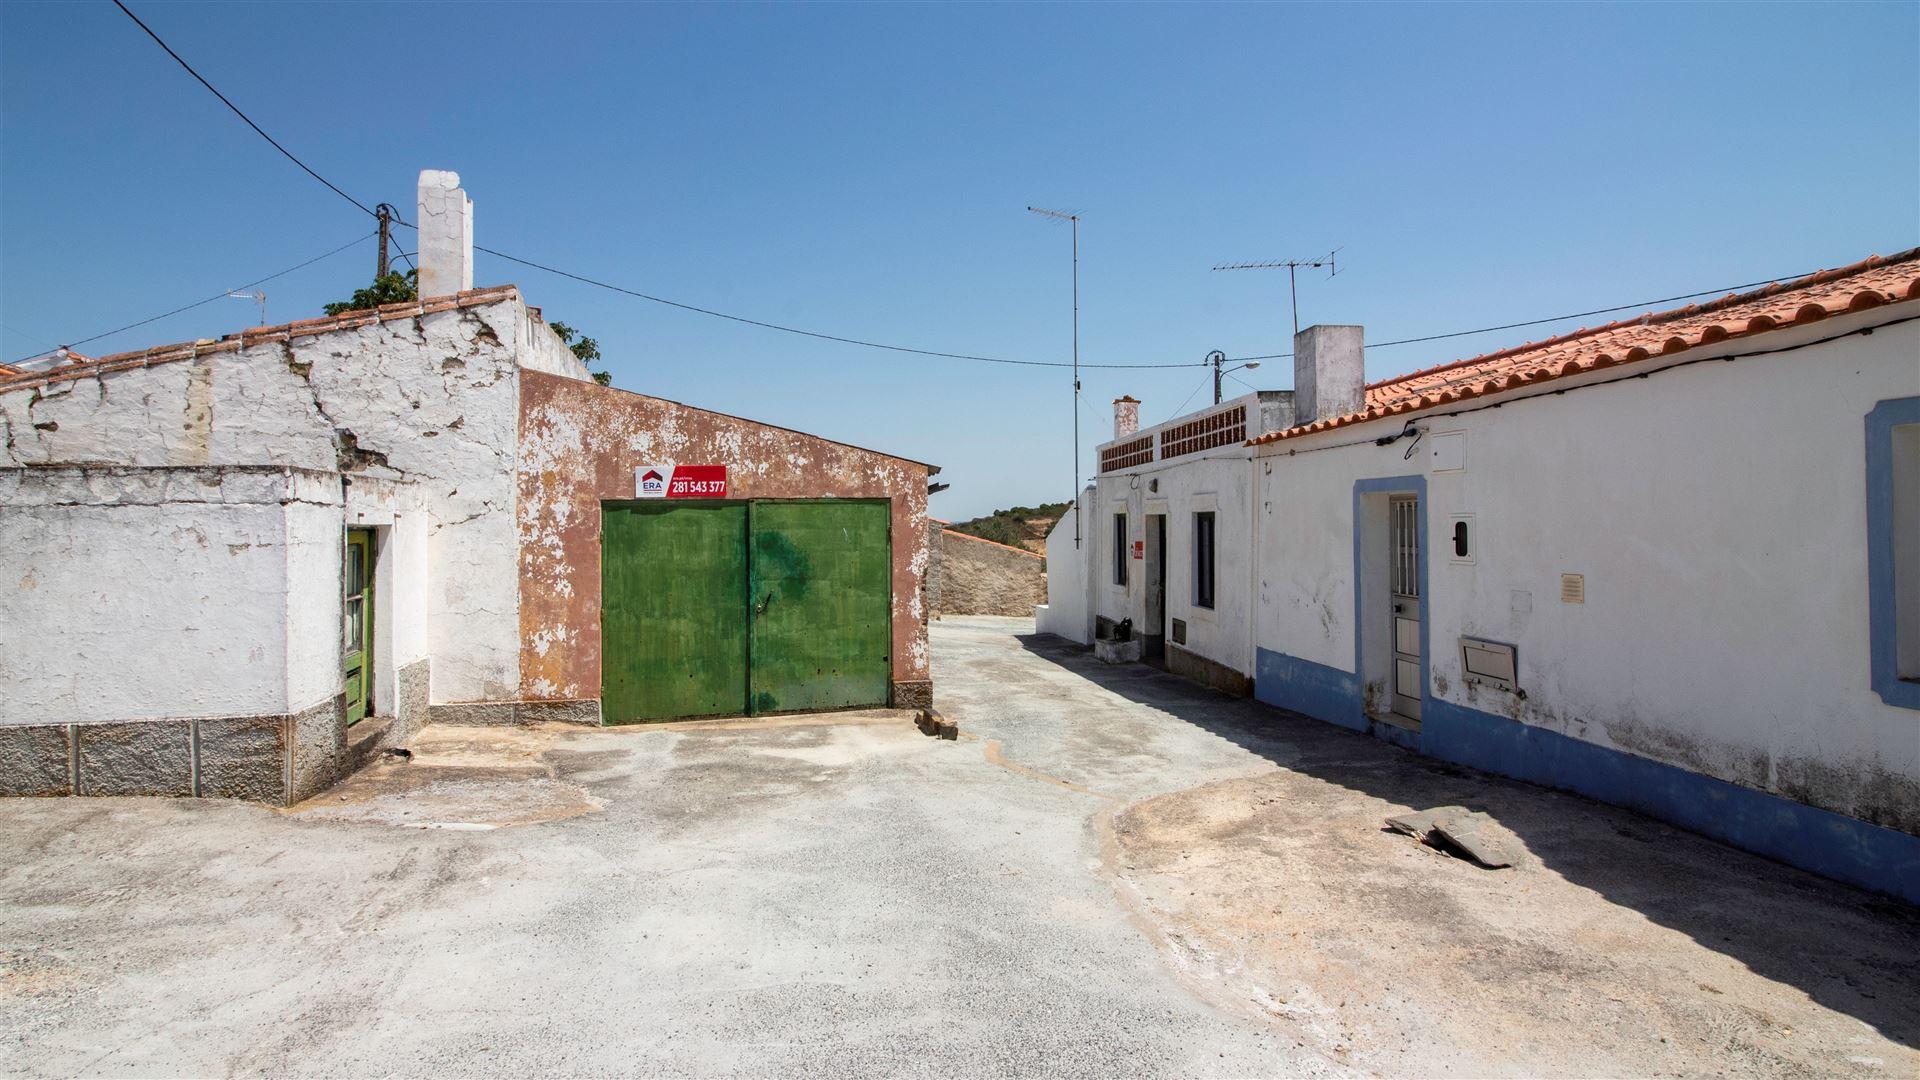 Garage a comprare - Algarve, Mértola, Mértola